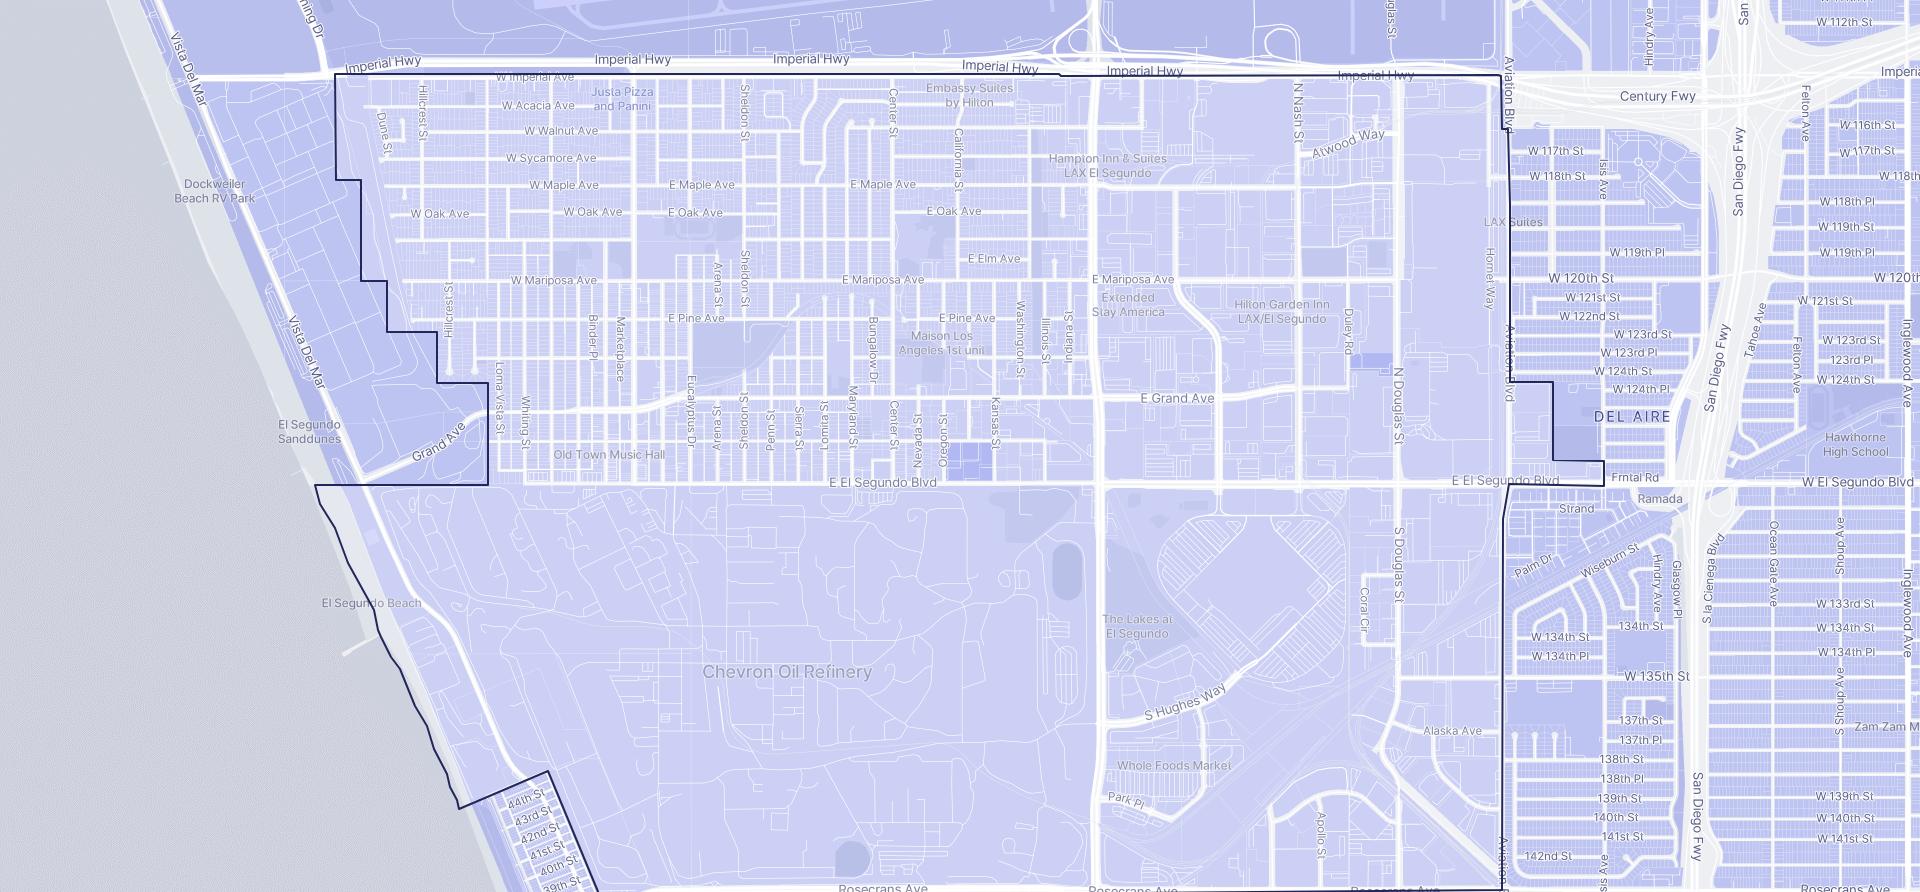 Image of El Segundo boundaries on a map.